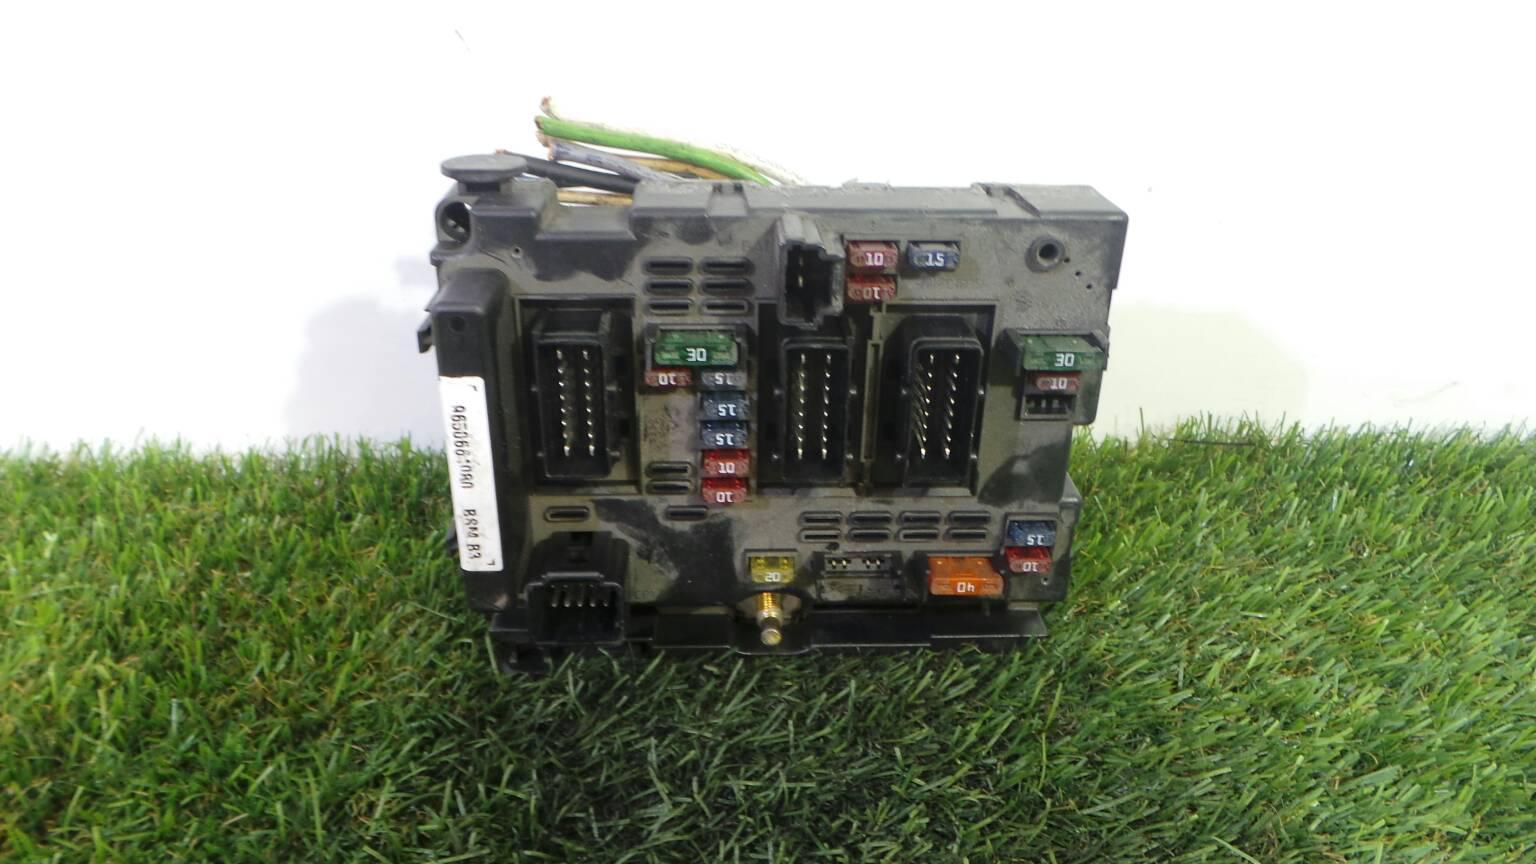 Fuse Box 96 506 640 80 PEUGEOT, 307 (3A/C) 1.4 HDi